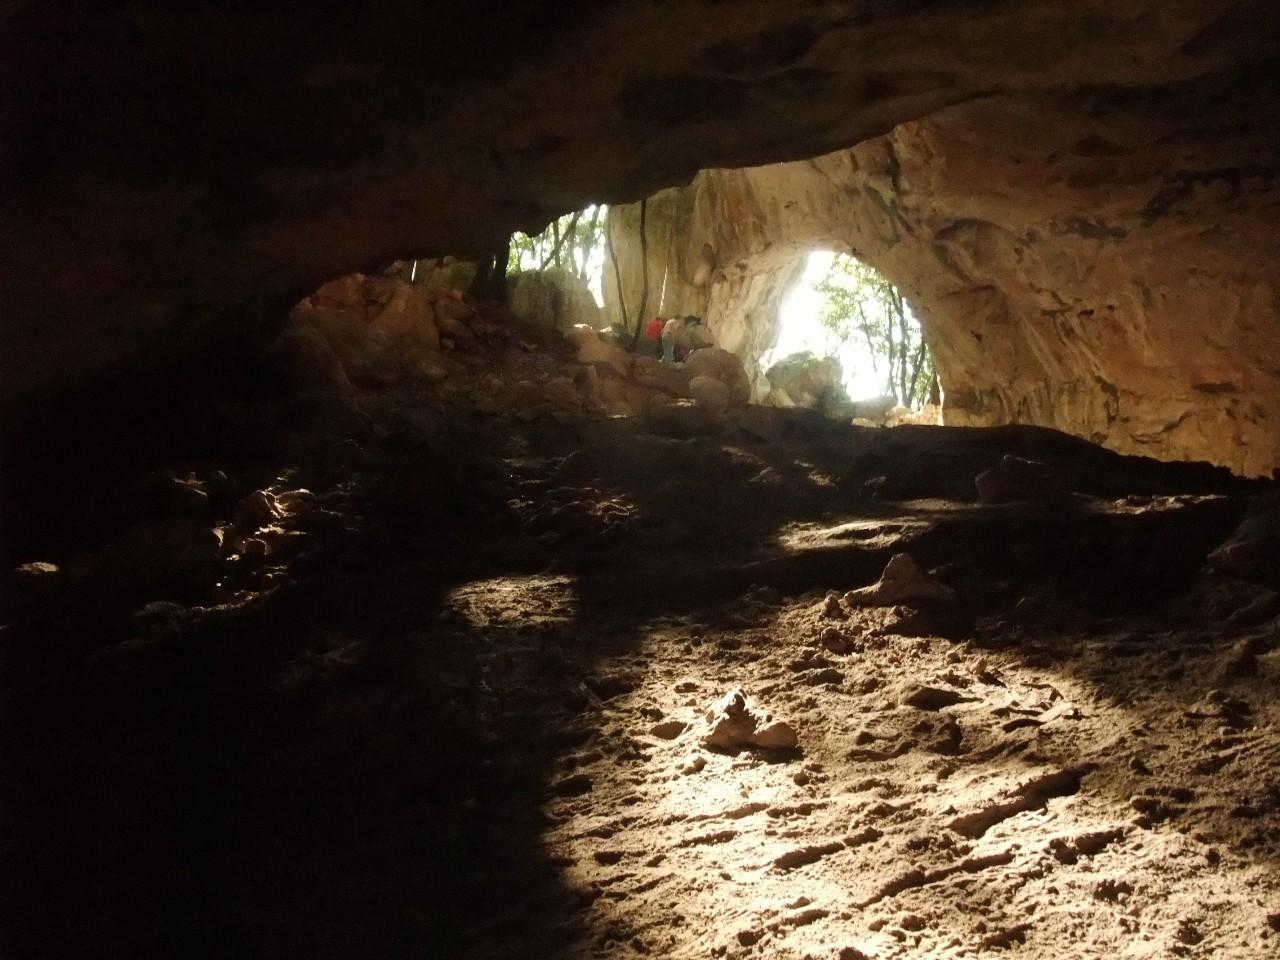 Escursione guidata in grotta all'Arma Pollera con il Gruppo speleologico Grotte CAI Savona